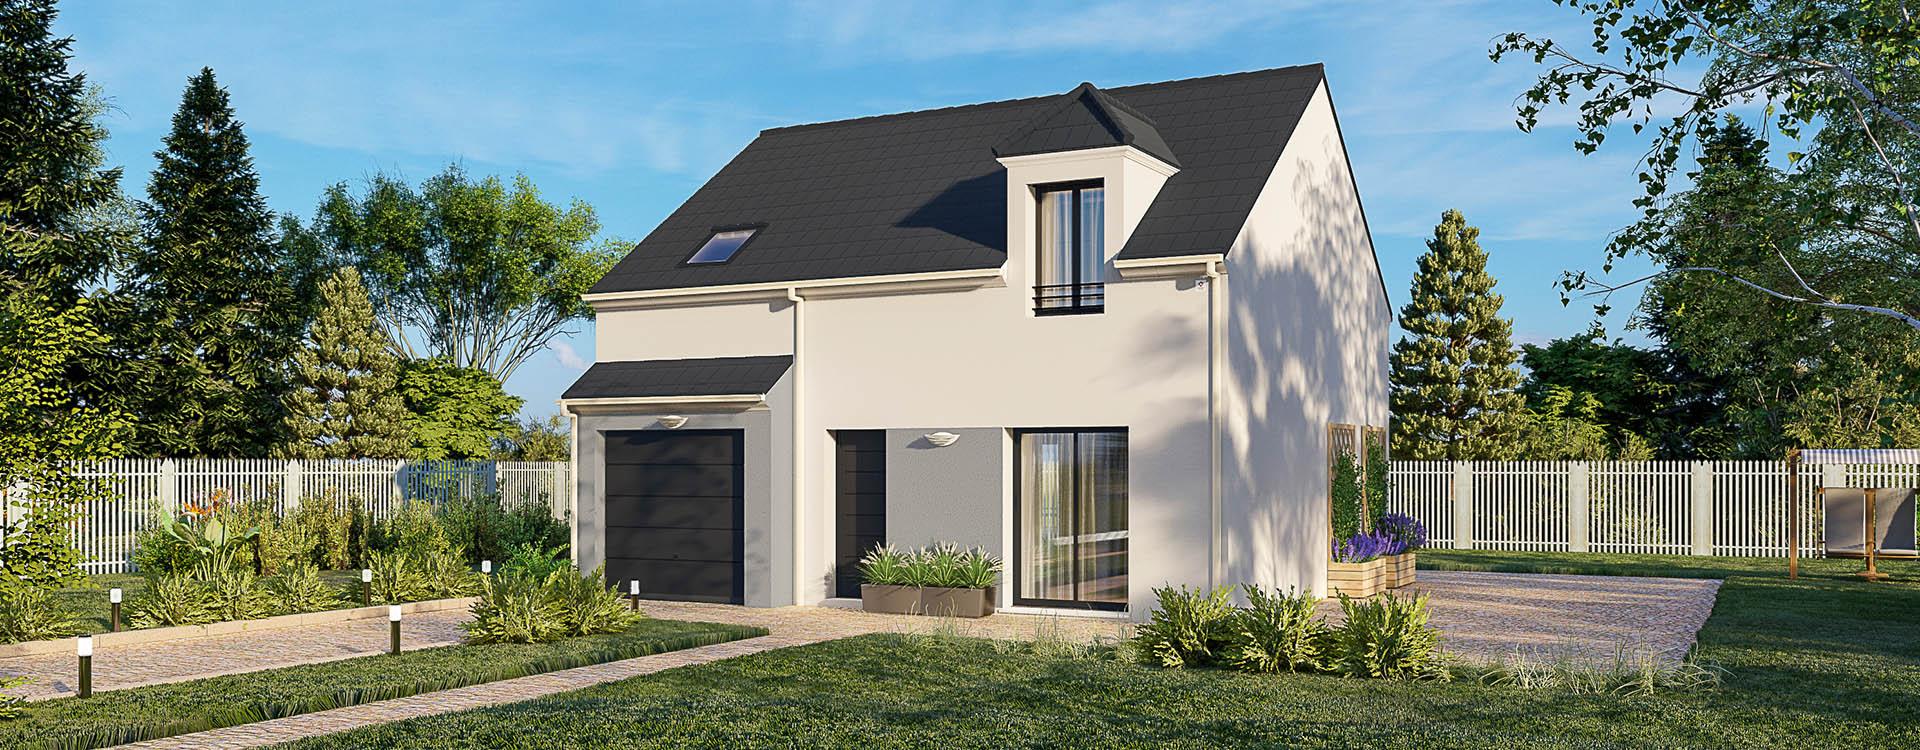 Maisons du constructeur MAISONS PIERRE MONTEVRAIN • 86 m² • MESSY